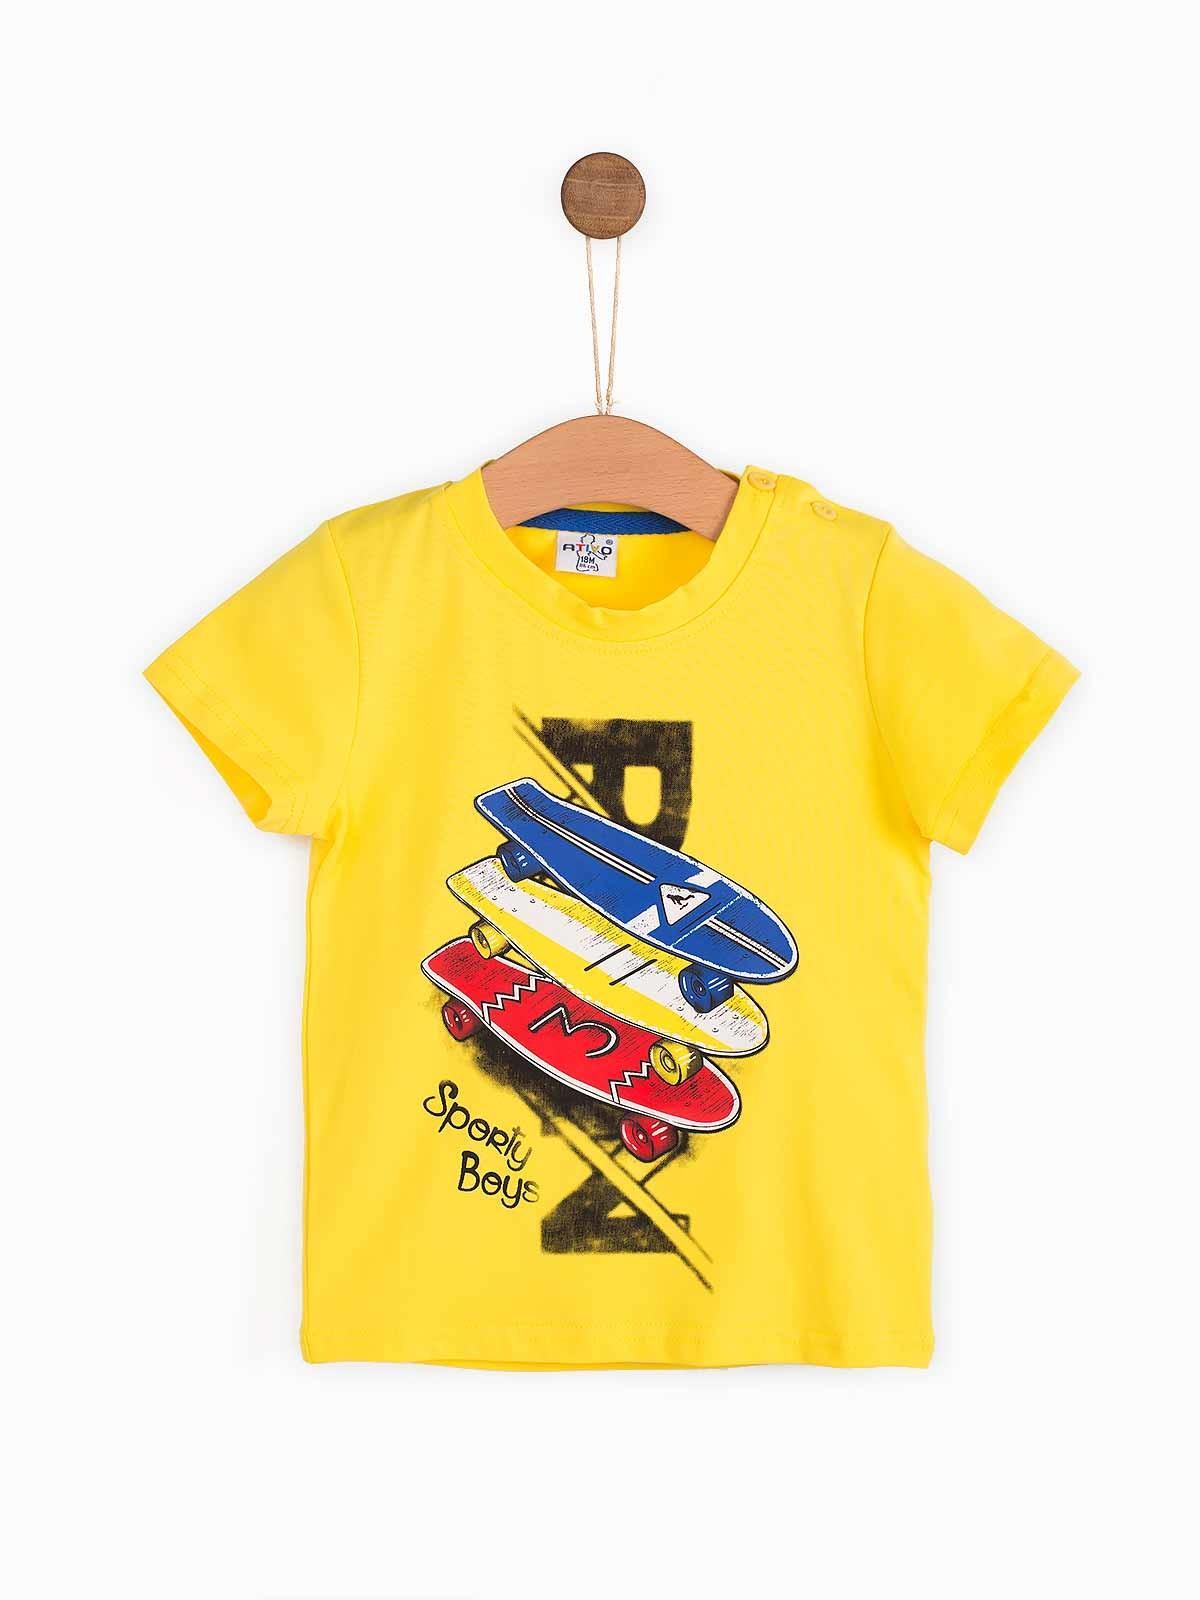 T-shirt manga curta Skates